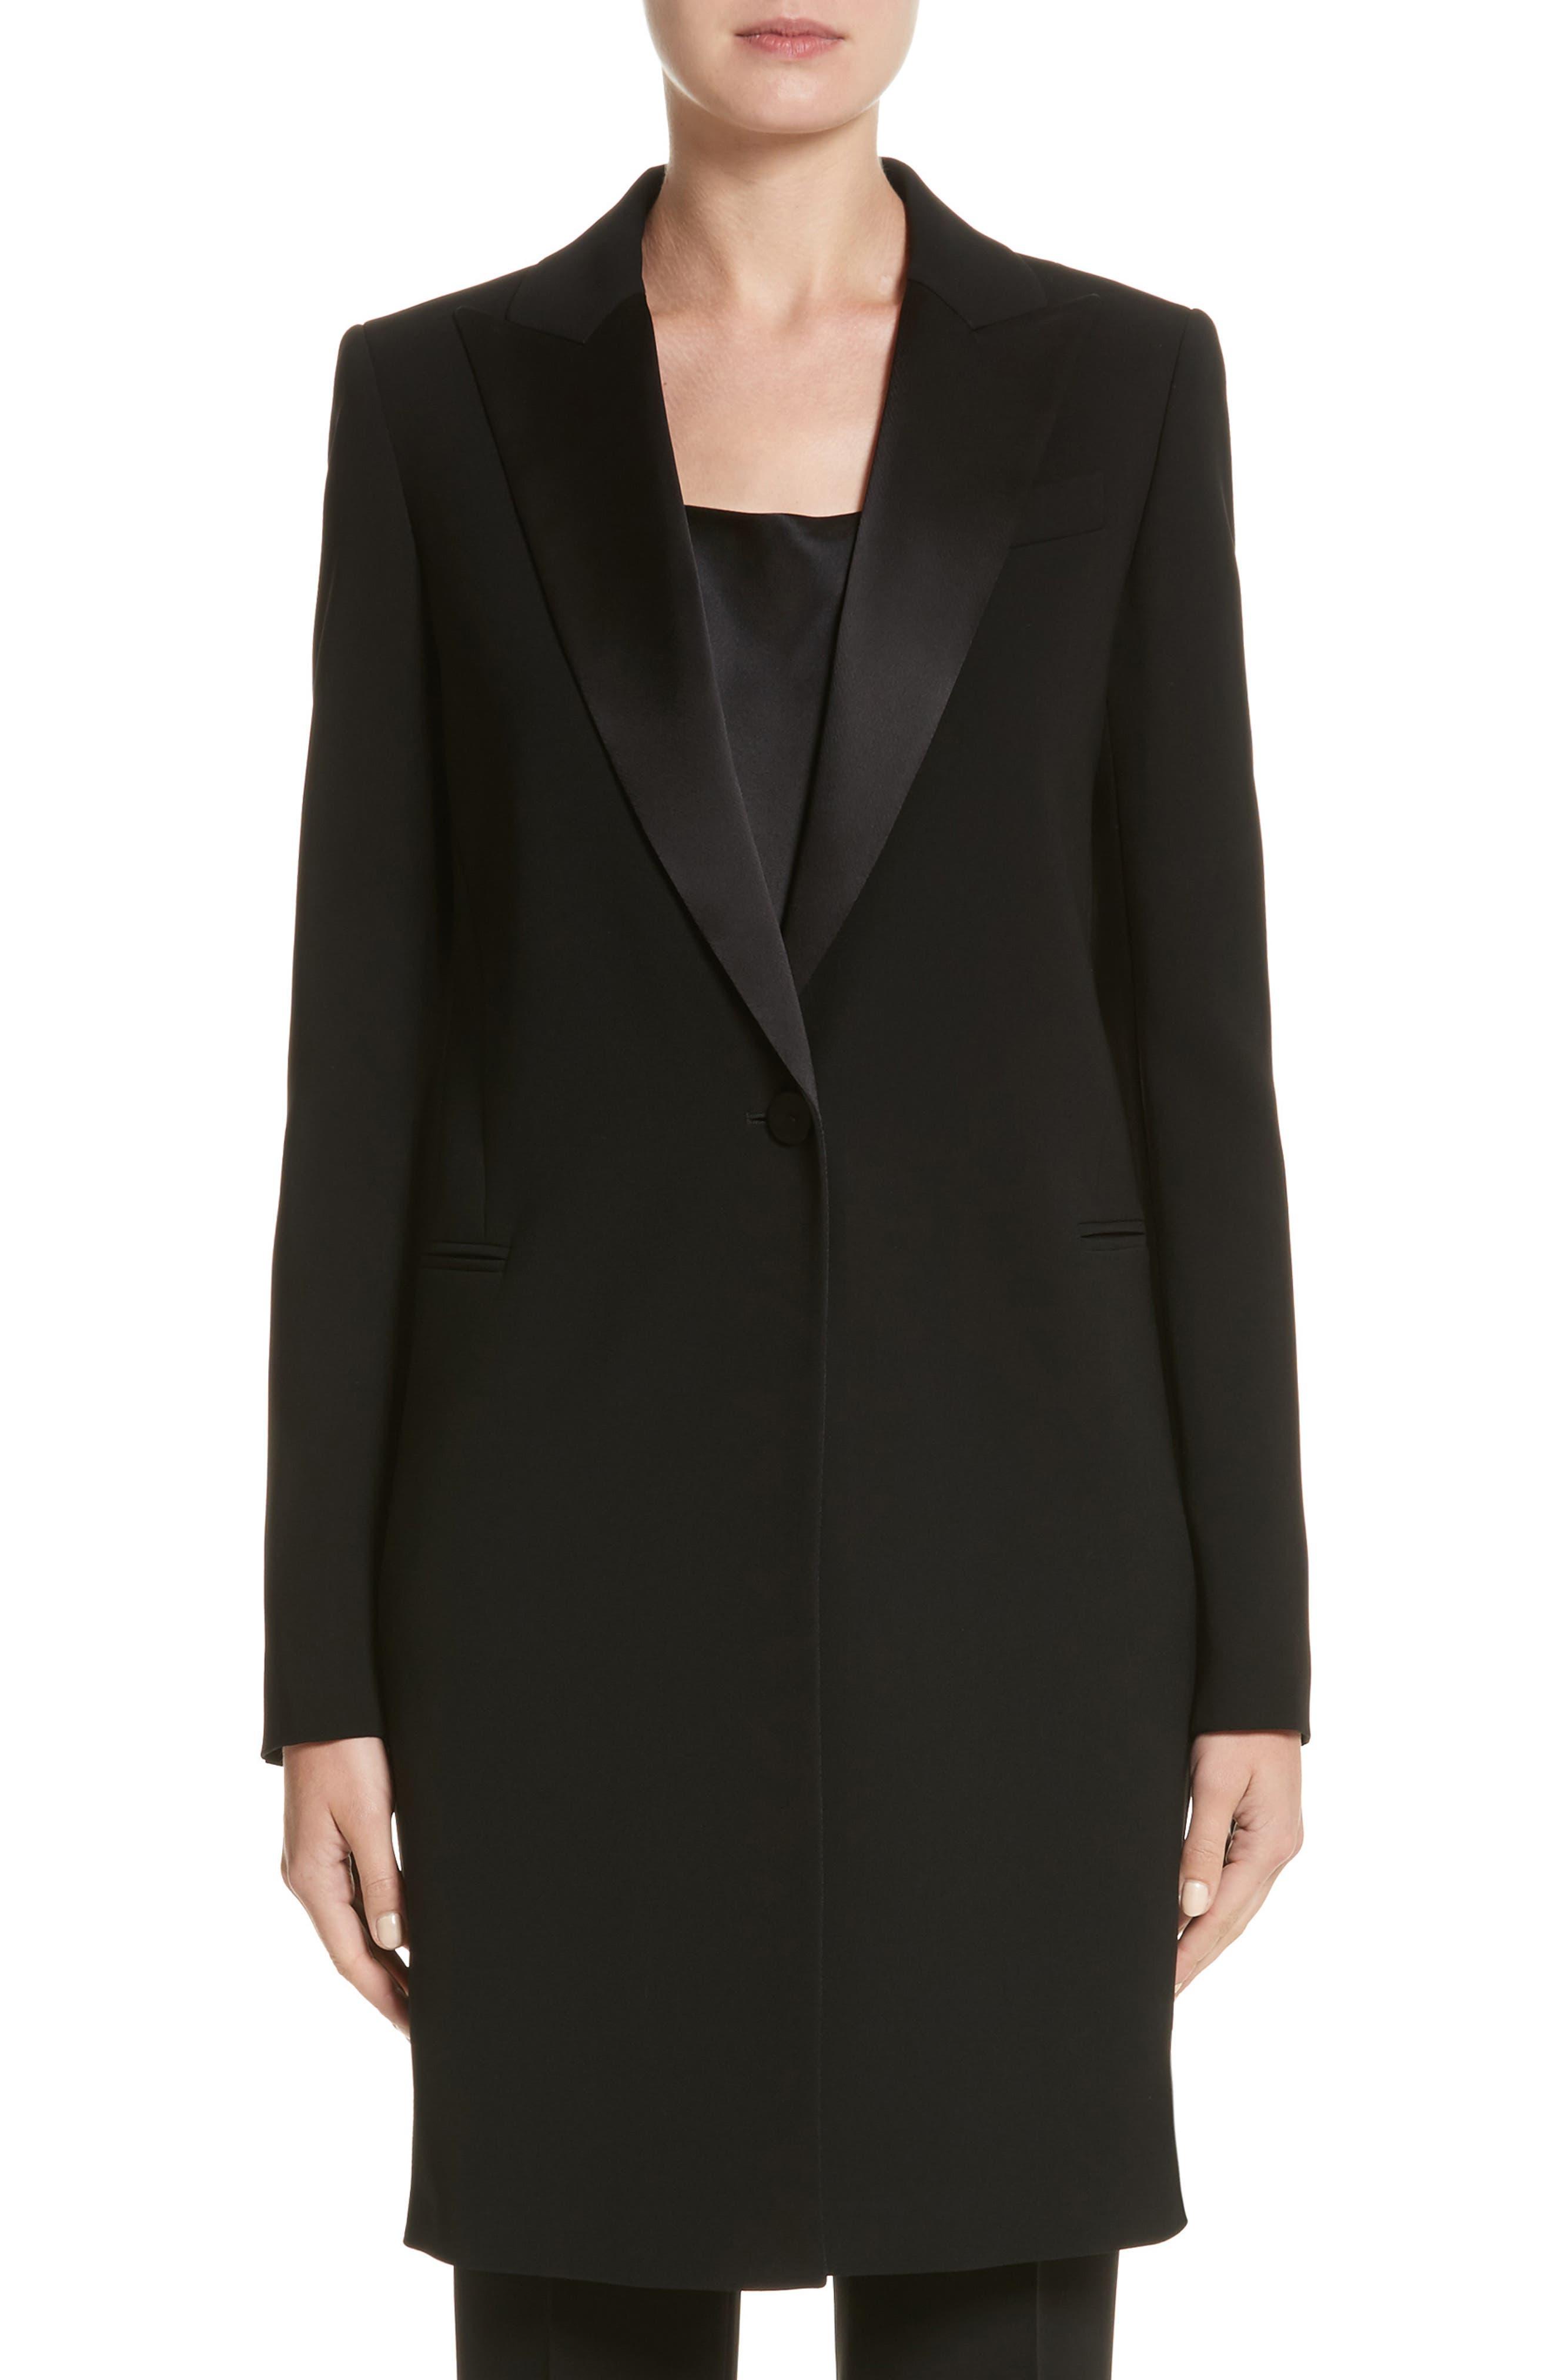 Alternate Image 1 Selected - Lafayette 148 New York Satin Lapel Tuxedo Jacket